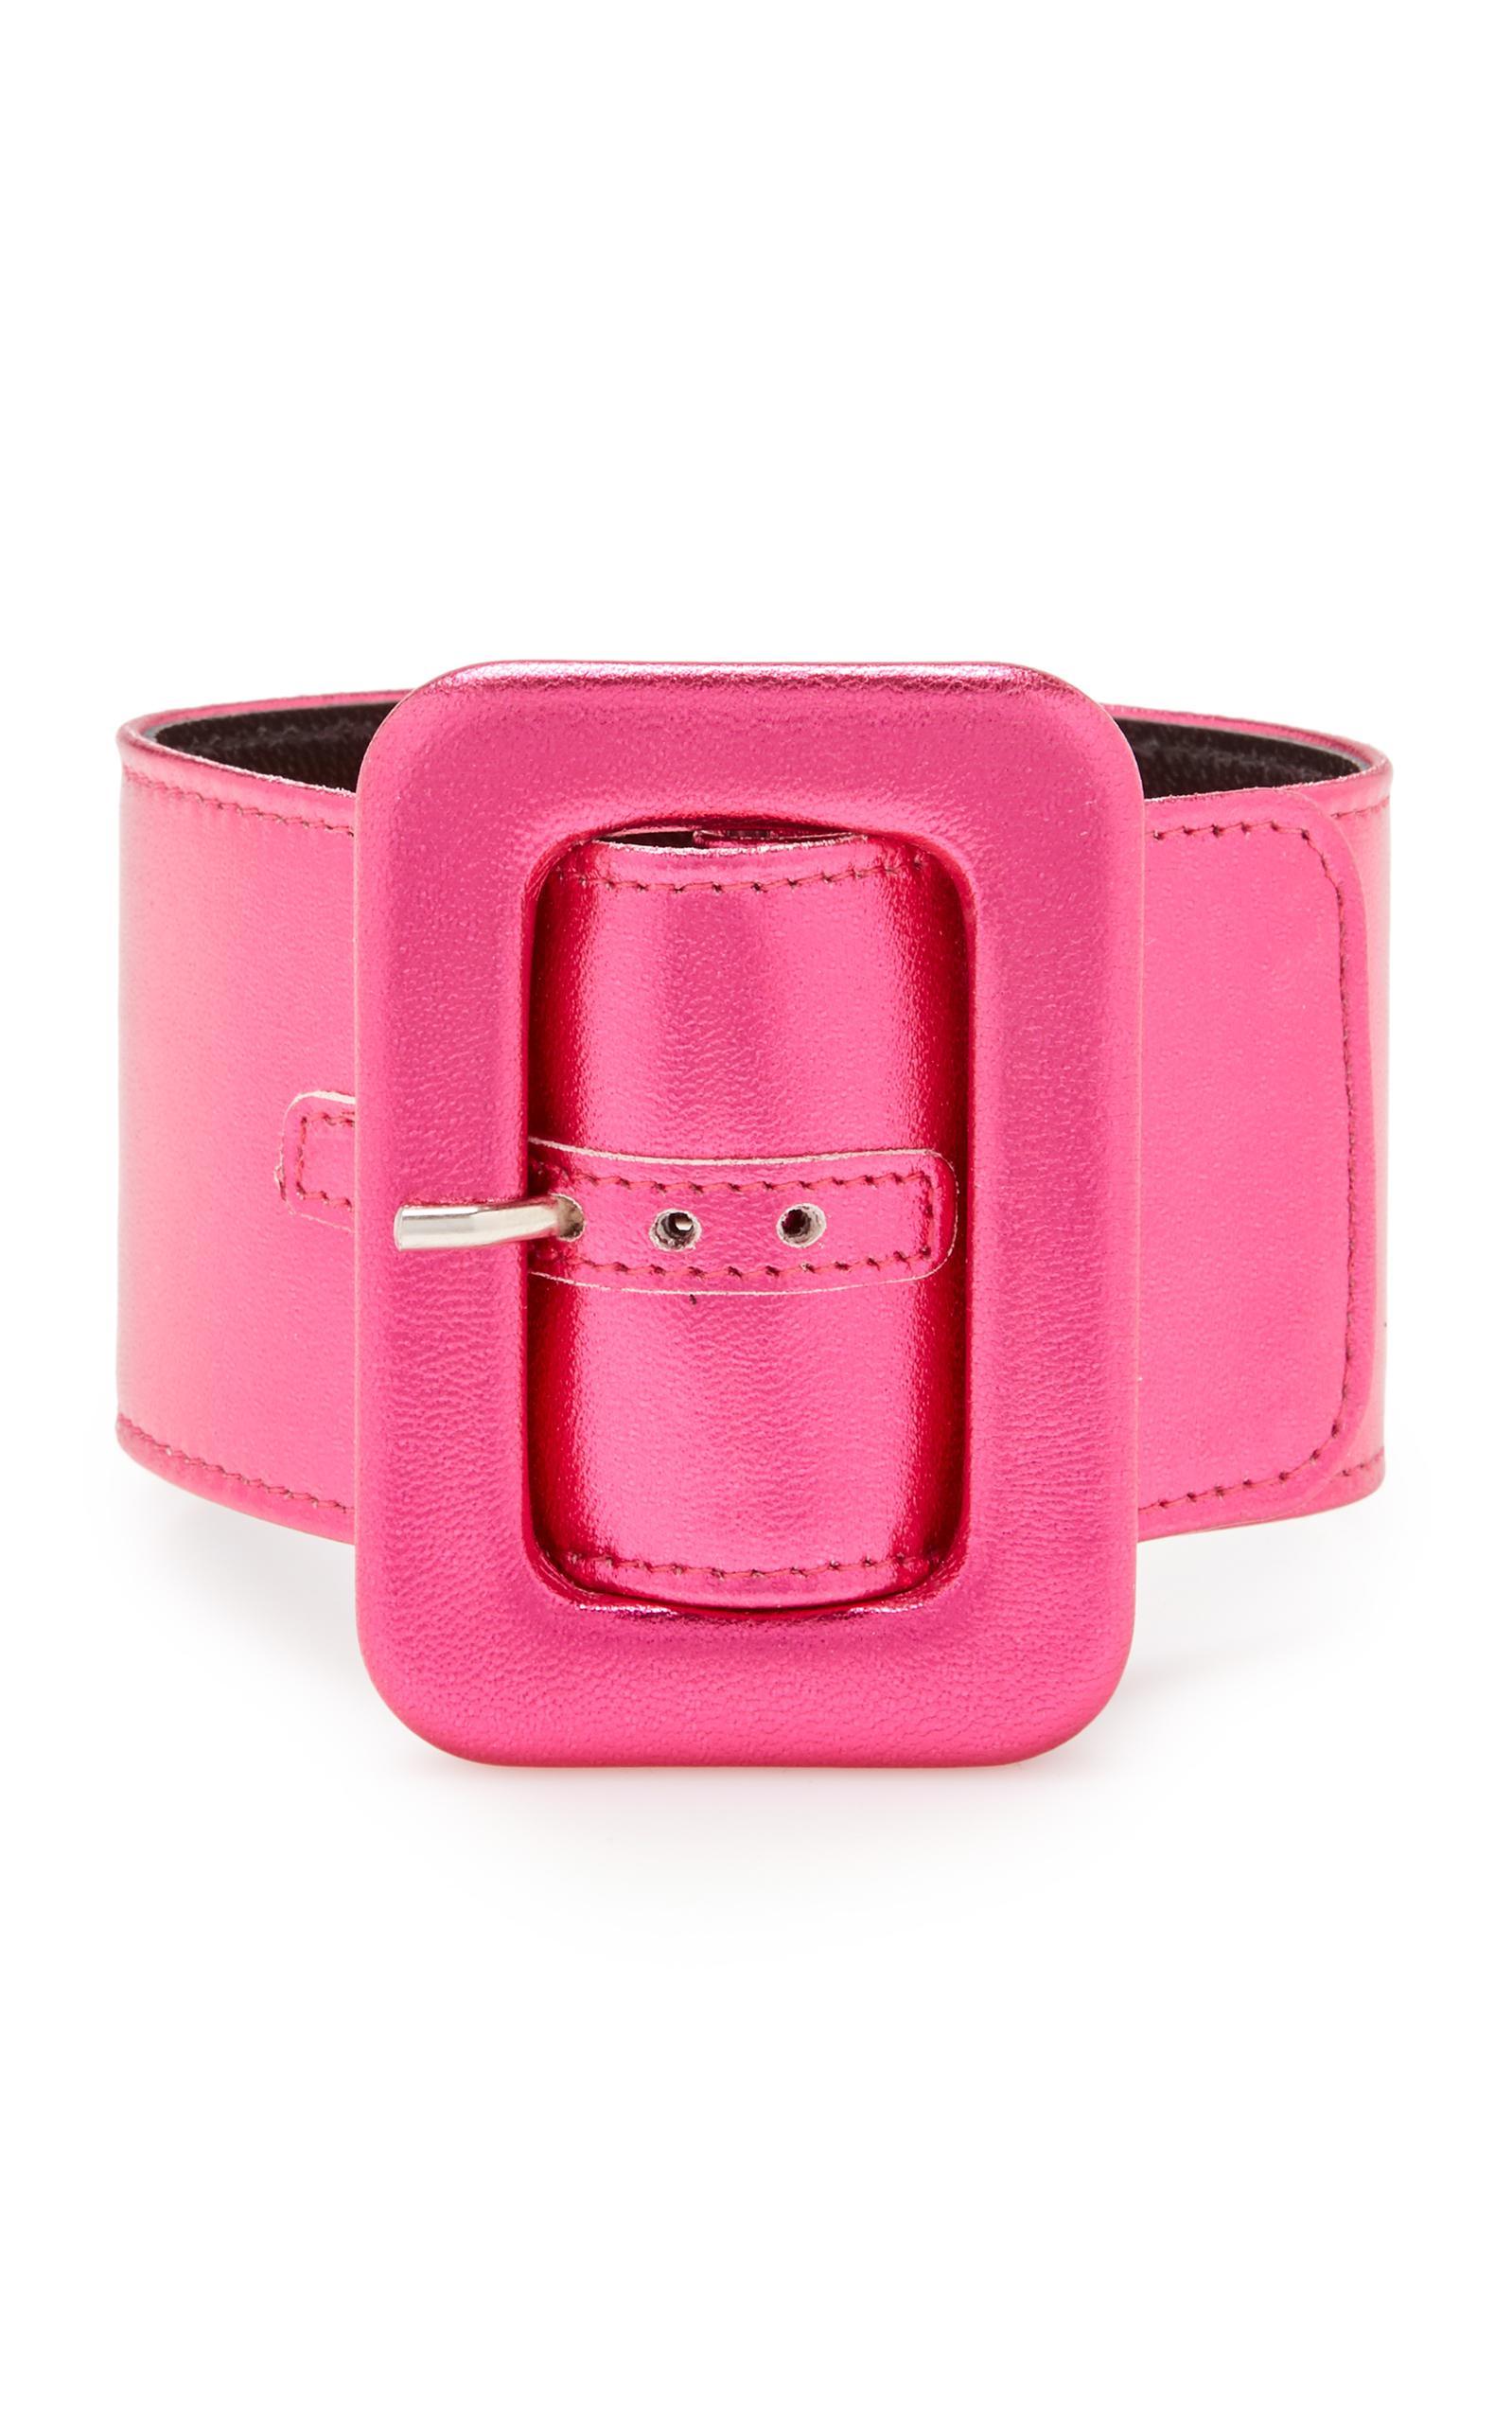 Attico En Cuir De Bracelet De Cheville Soie Rose SF6rbG9g